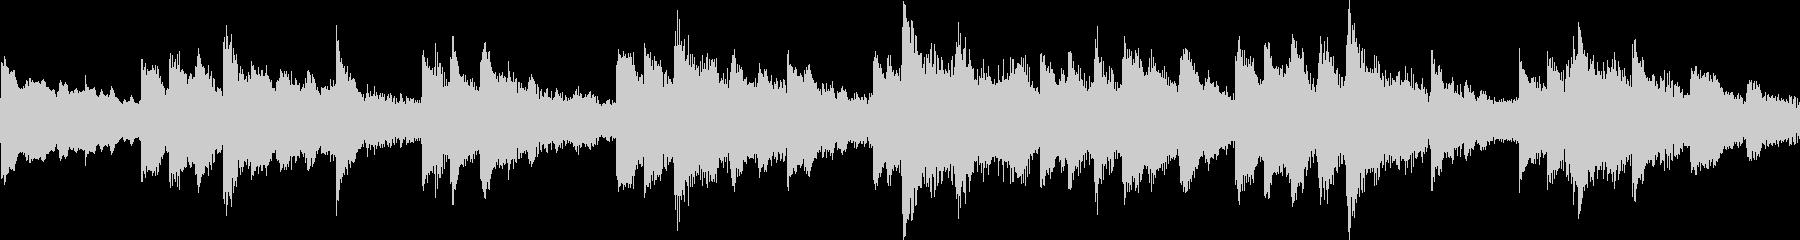 ピアノとストリングスの癒し系BGMループの未再生の波形